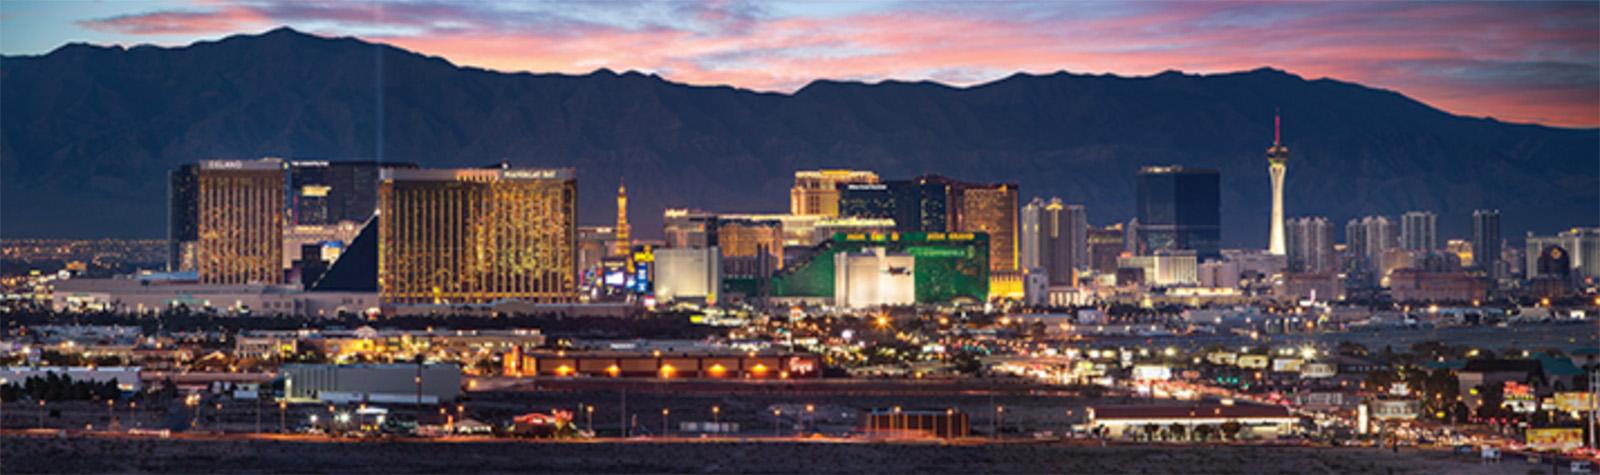 Launch Las Vegas Set for September 18